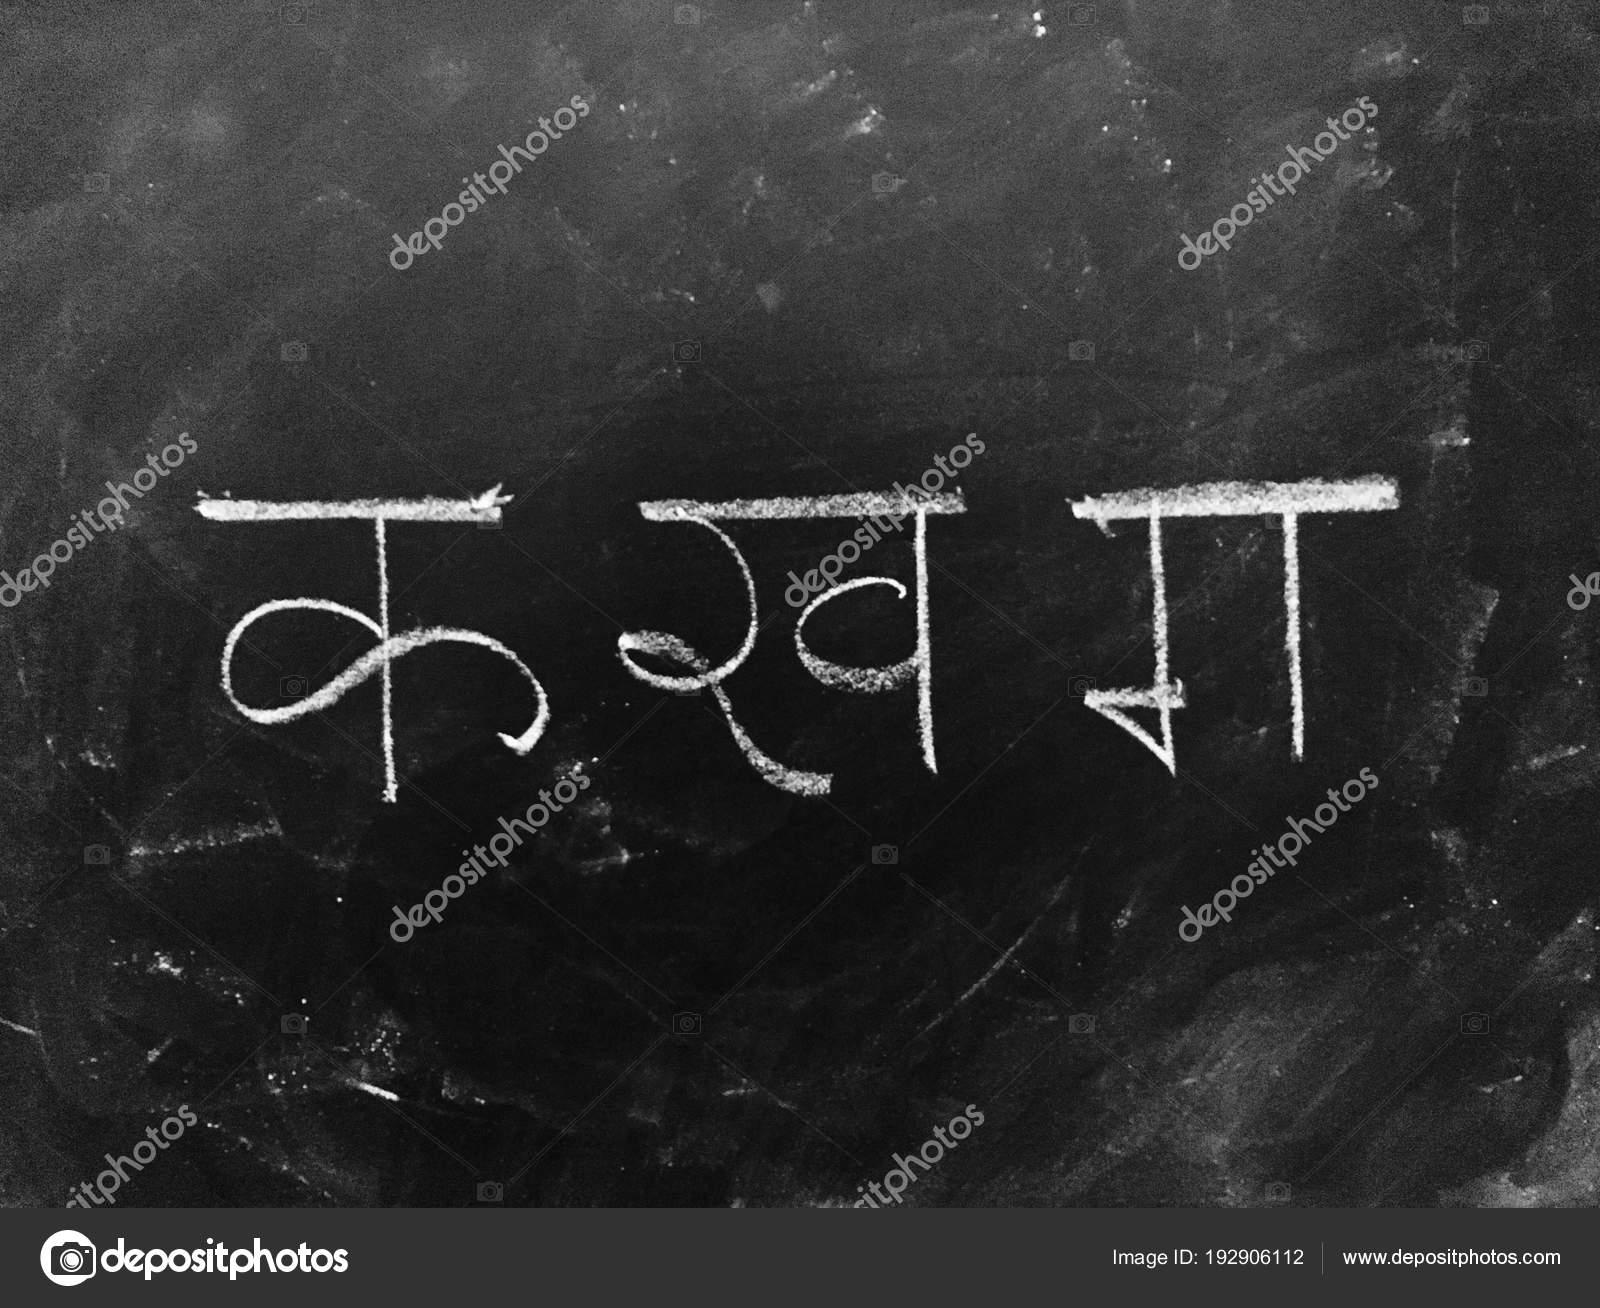 Hindi Script Handwritten on Blackboard  Translation: Written